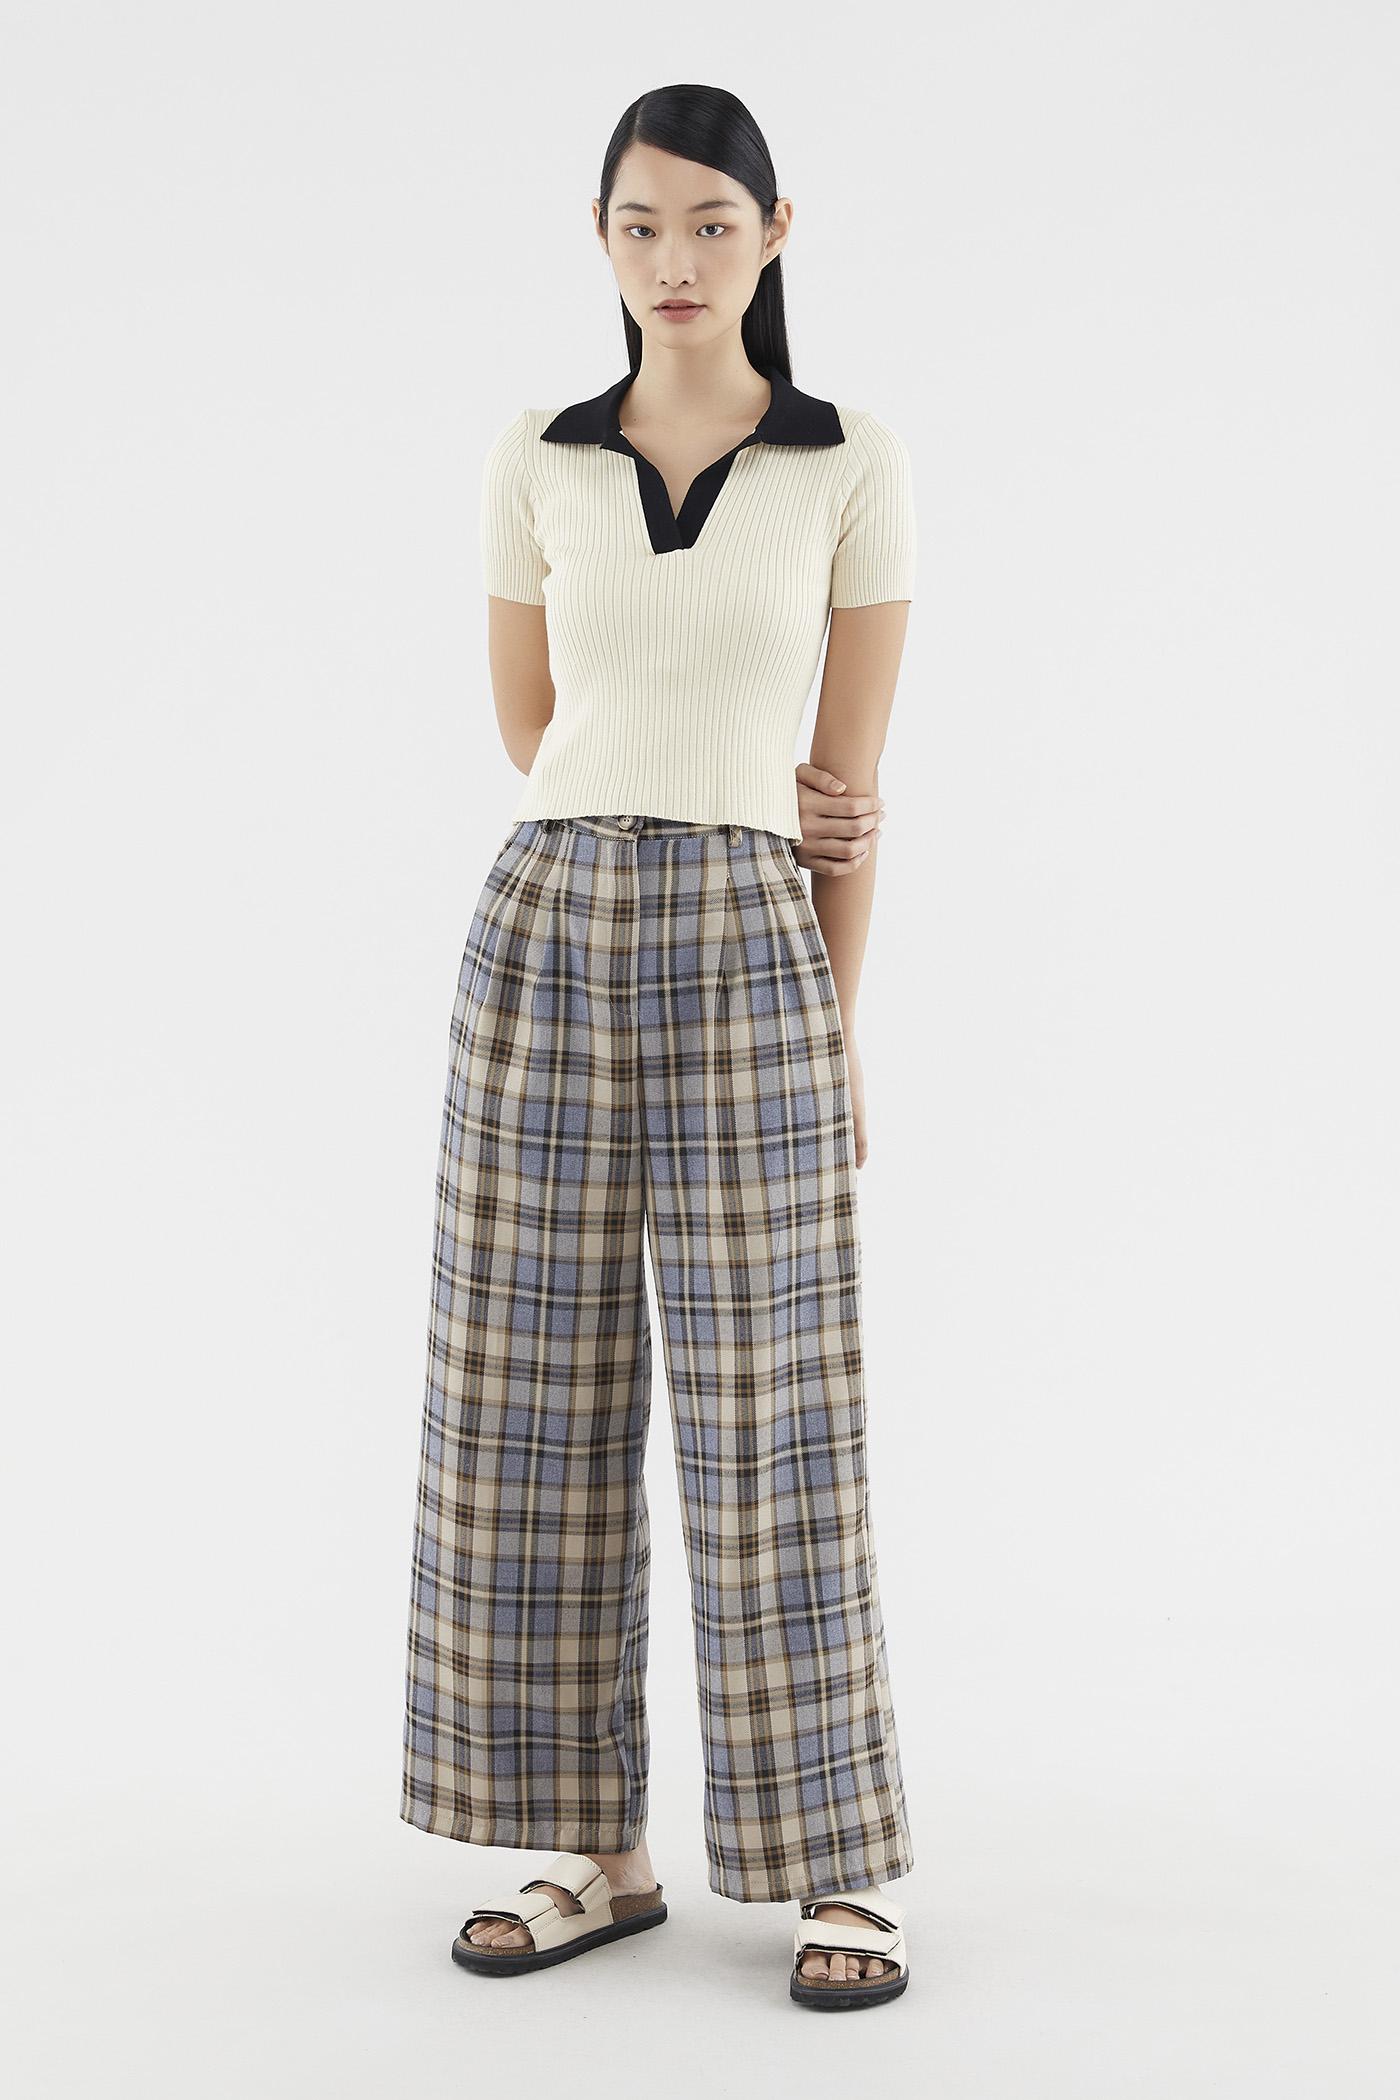 Ranita Check Pants